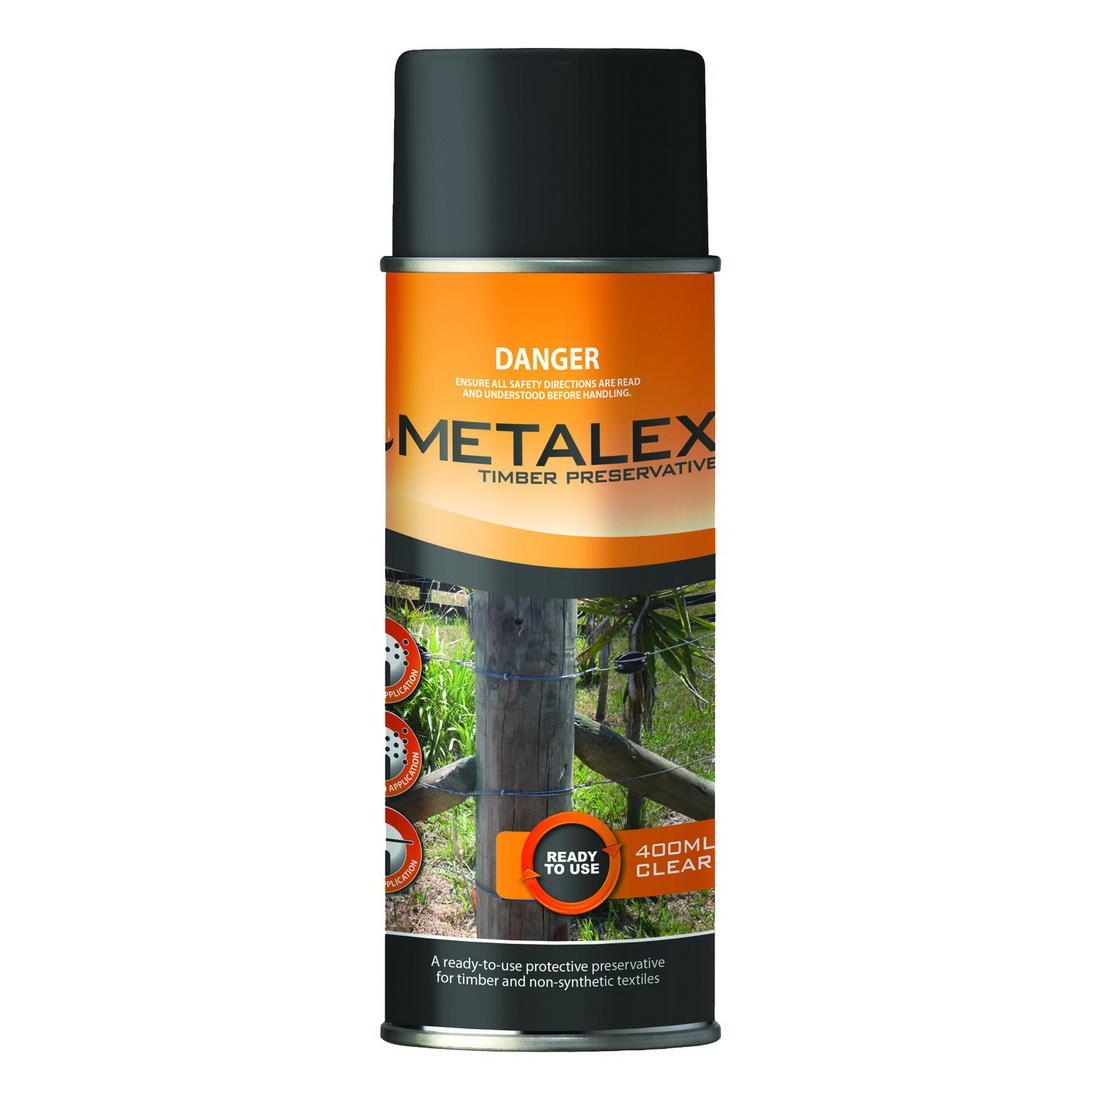 Metalex 400mL Aerosol Timber Preservative Clear